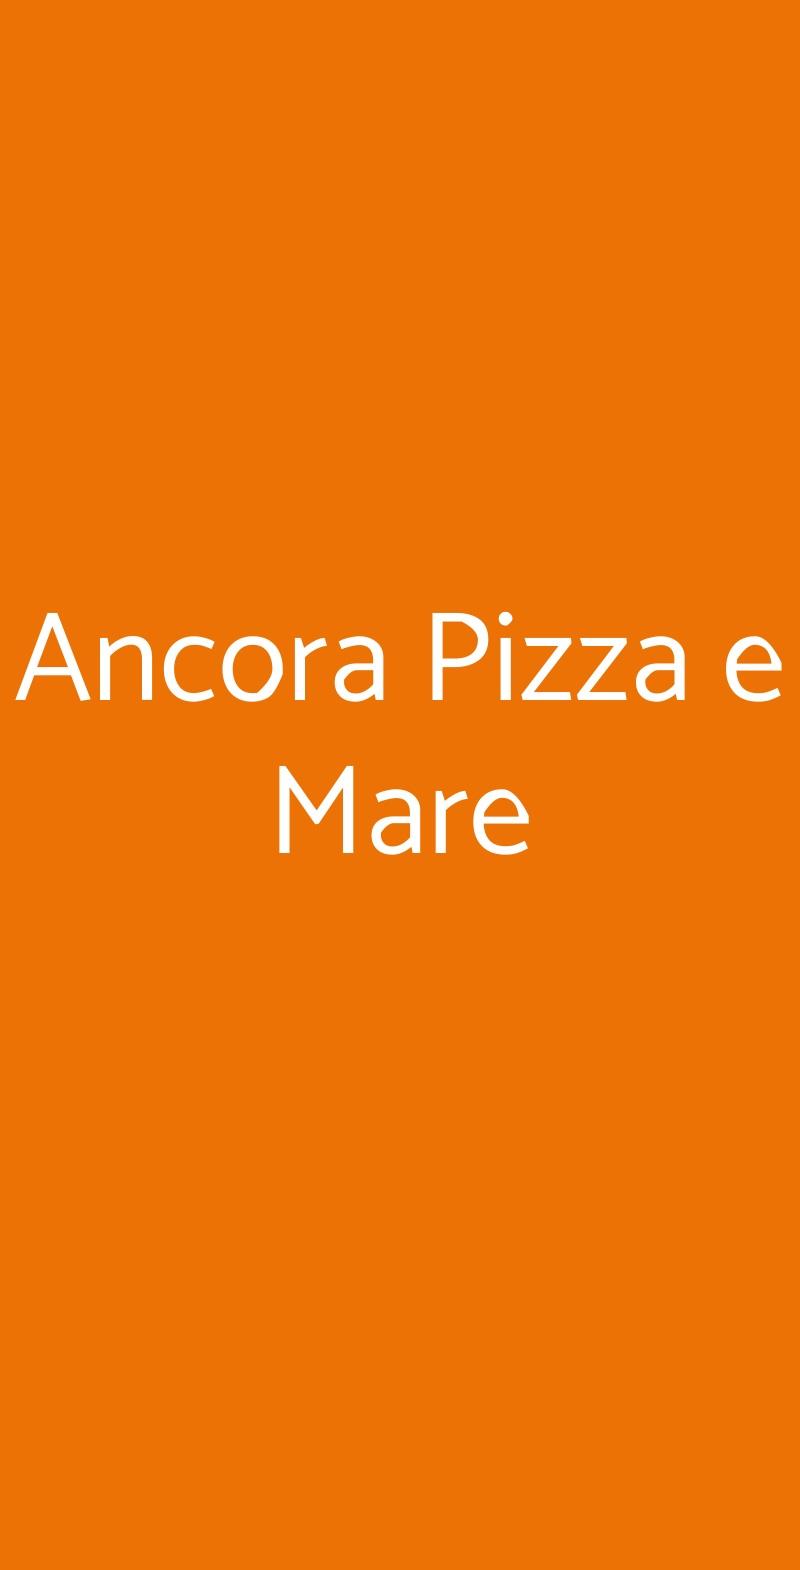 Ancora Pizza e Mare Tortona menù 1 pagina